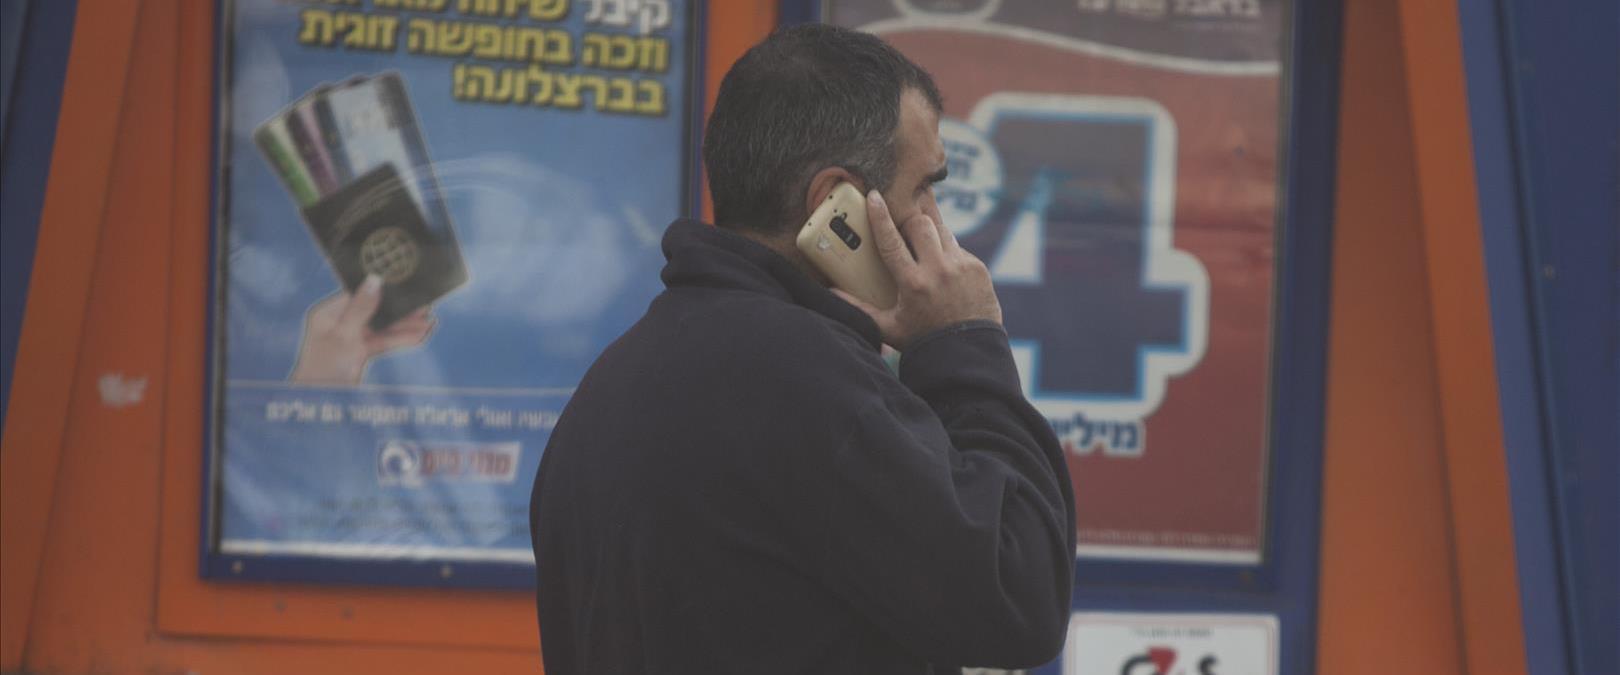 אדם מדבר בפלאפון